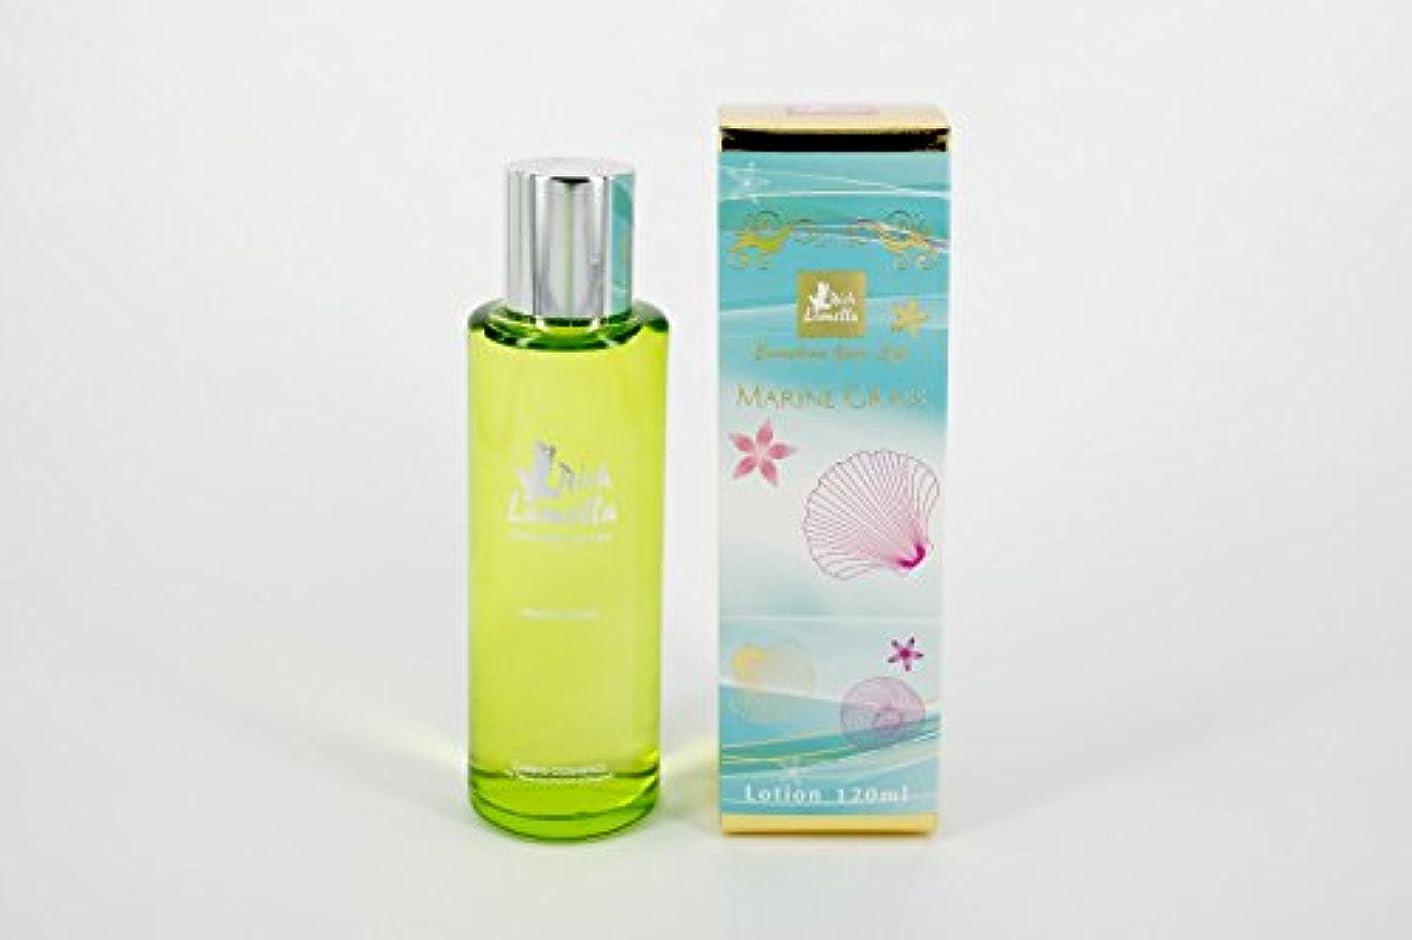 アナニバー継続中に勝る海藻化粧水 リッチラメラ マリングラス 120ml